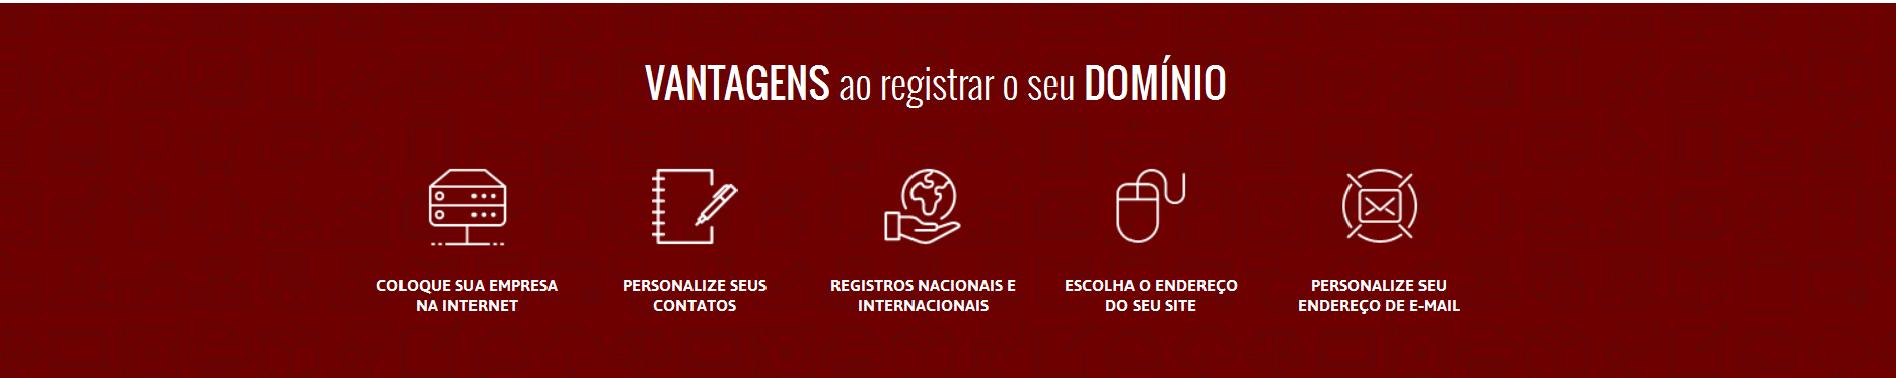 vantagens-ao-registrar-seu-dominio